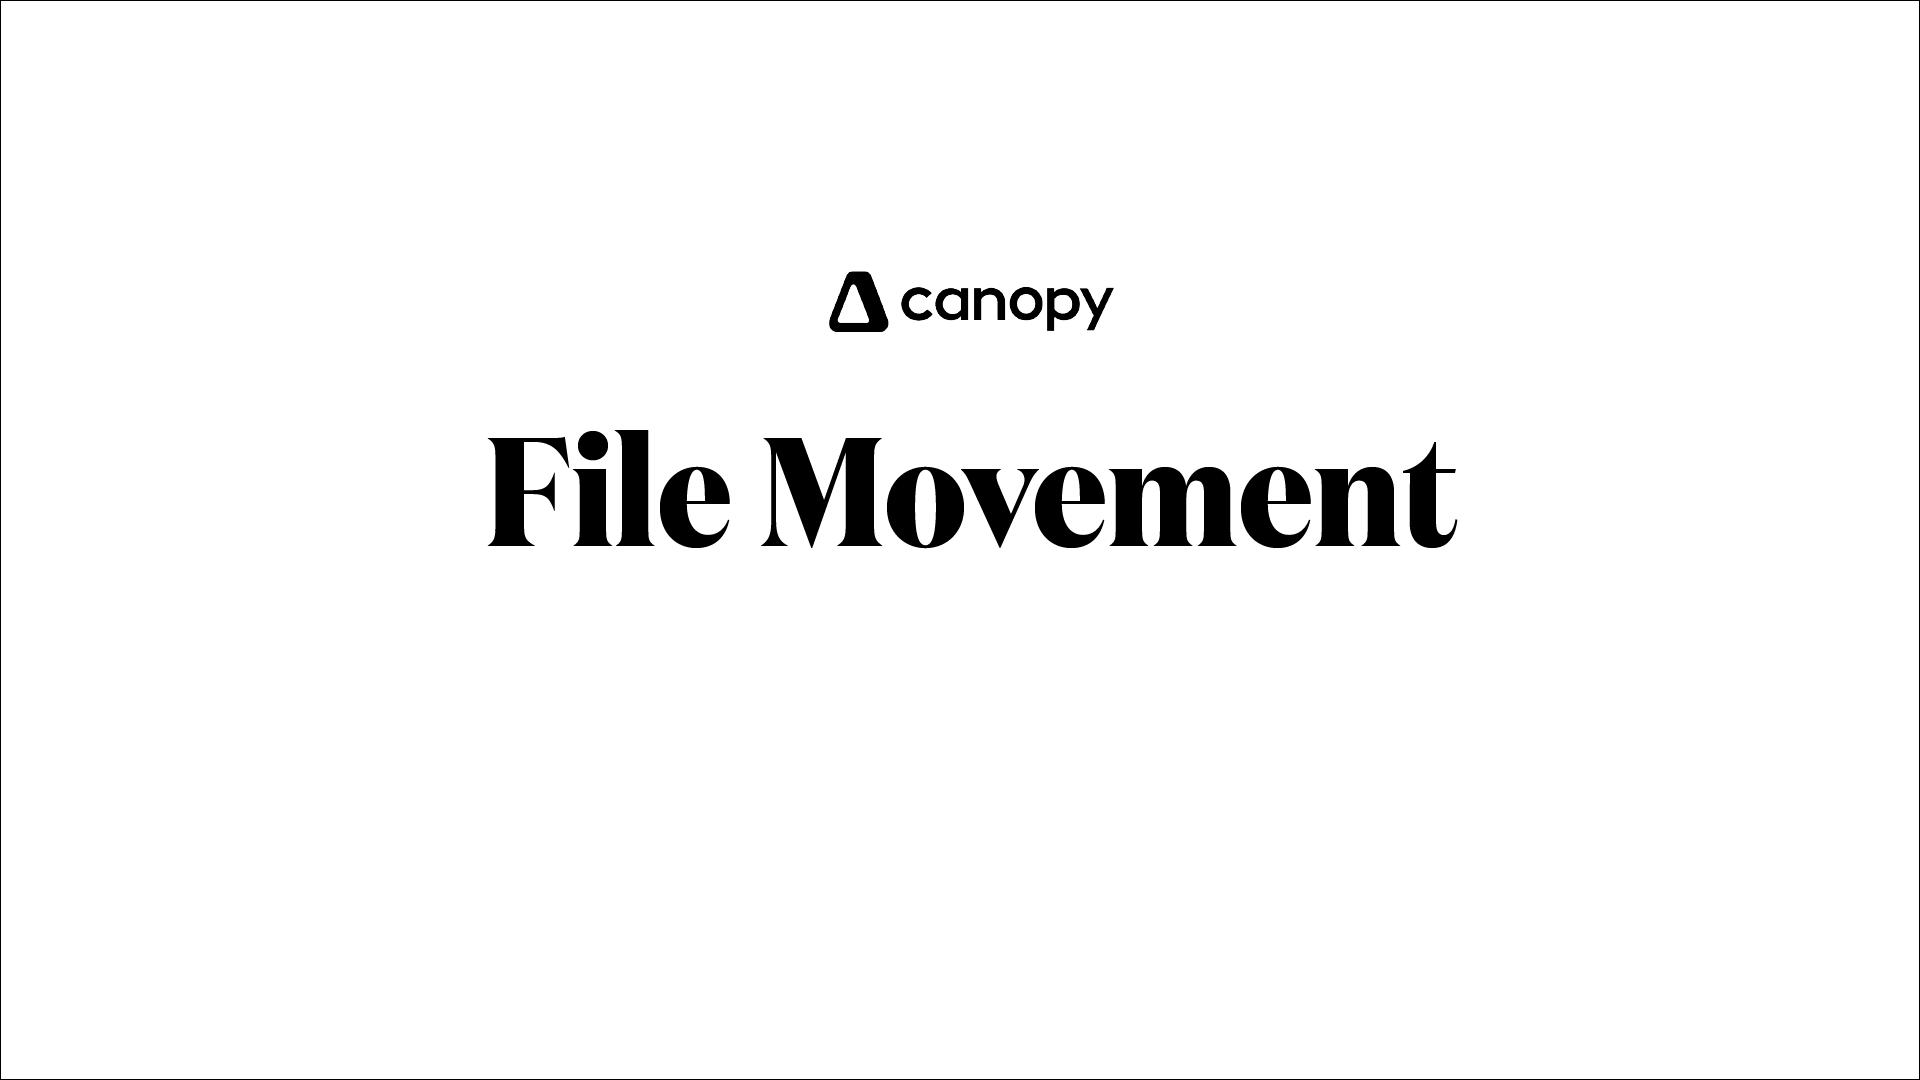 File Movement